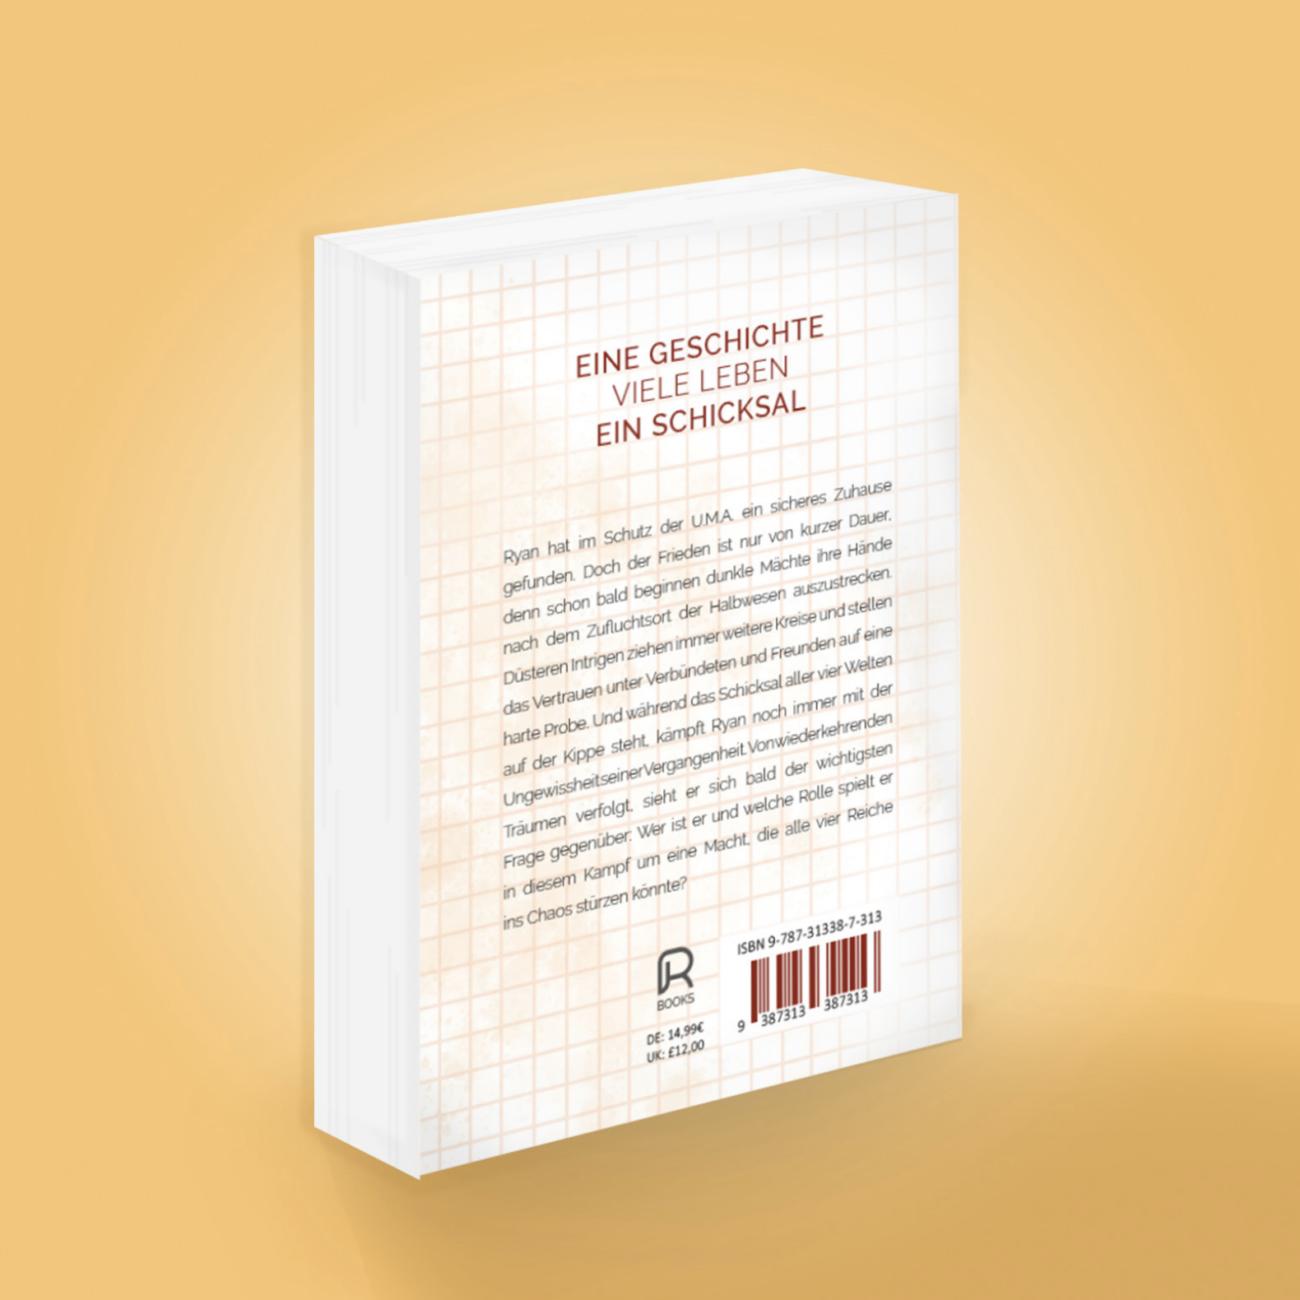 Rückansicht des zweiten Buches der Ancestors-Trilogie mit Zusammenfassung, Preisangaben und fiktivem ISBN-Code